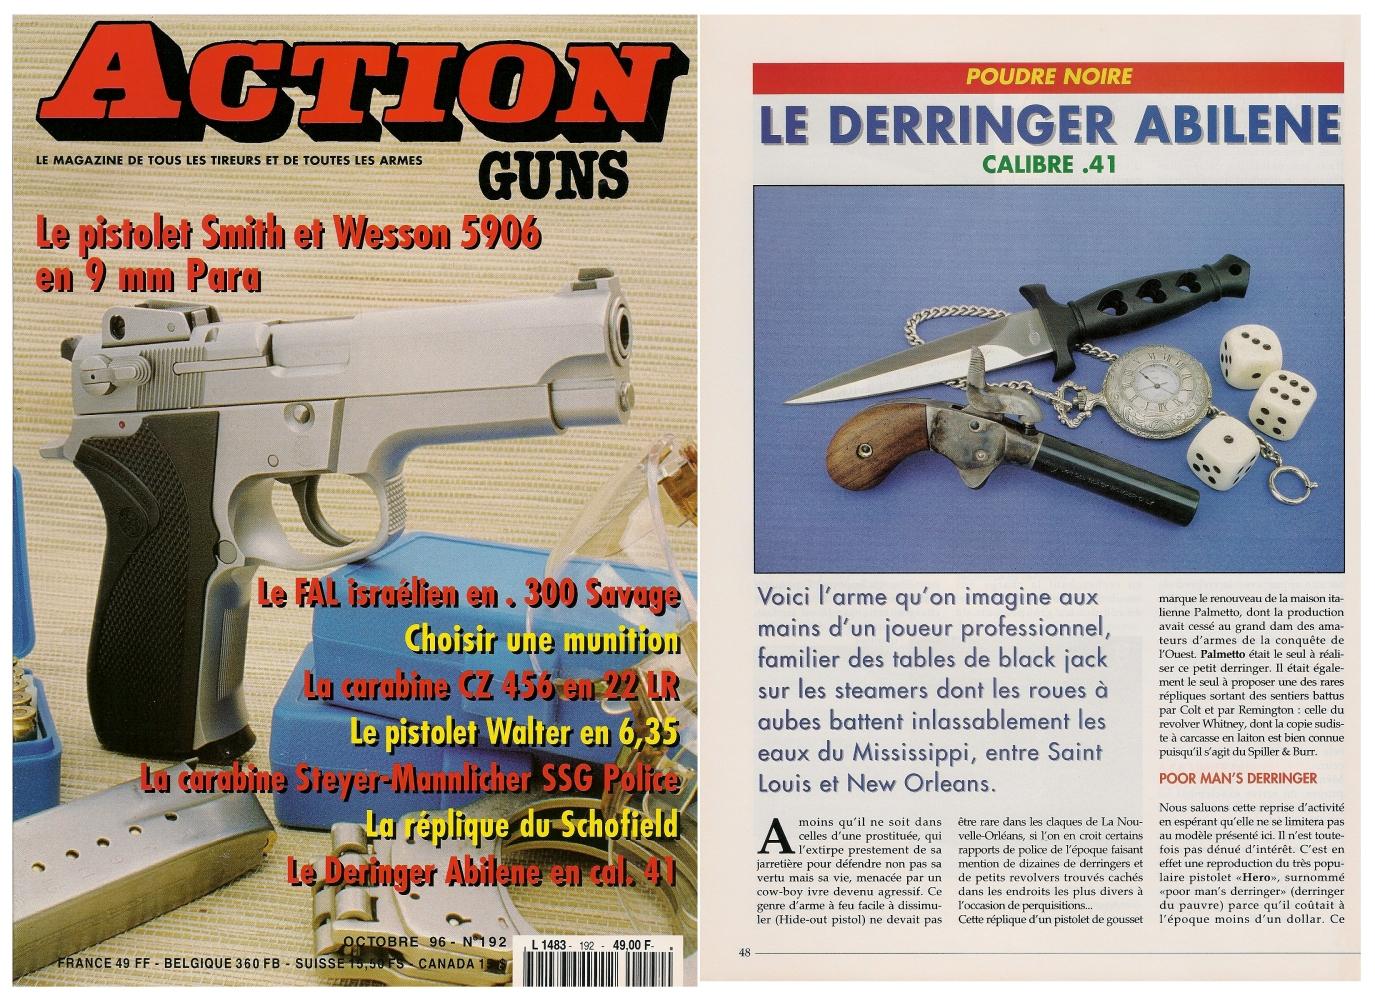 Le banc d'essai de la réplique de derringer Abilene a été publié sur 5 pages dans le magazine Action Guns n°192 (octobre 1996).